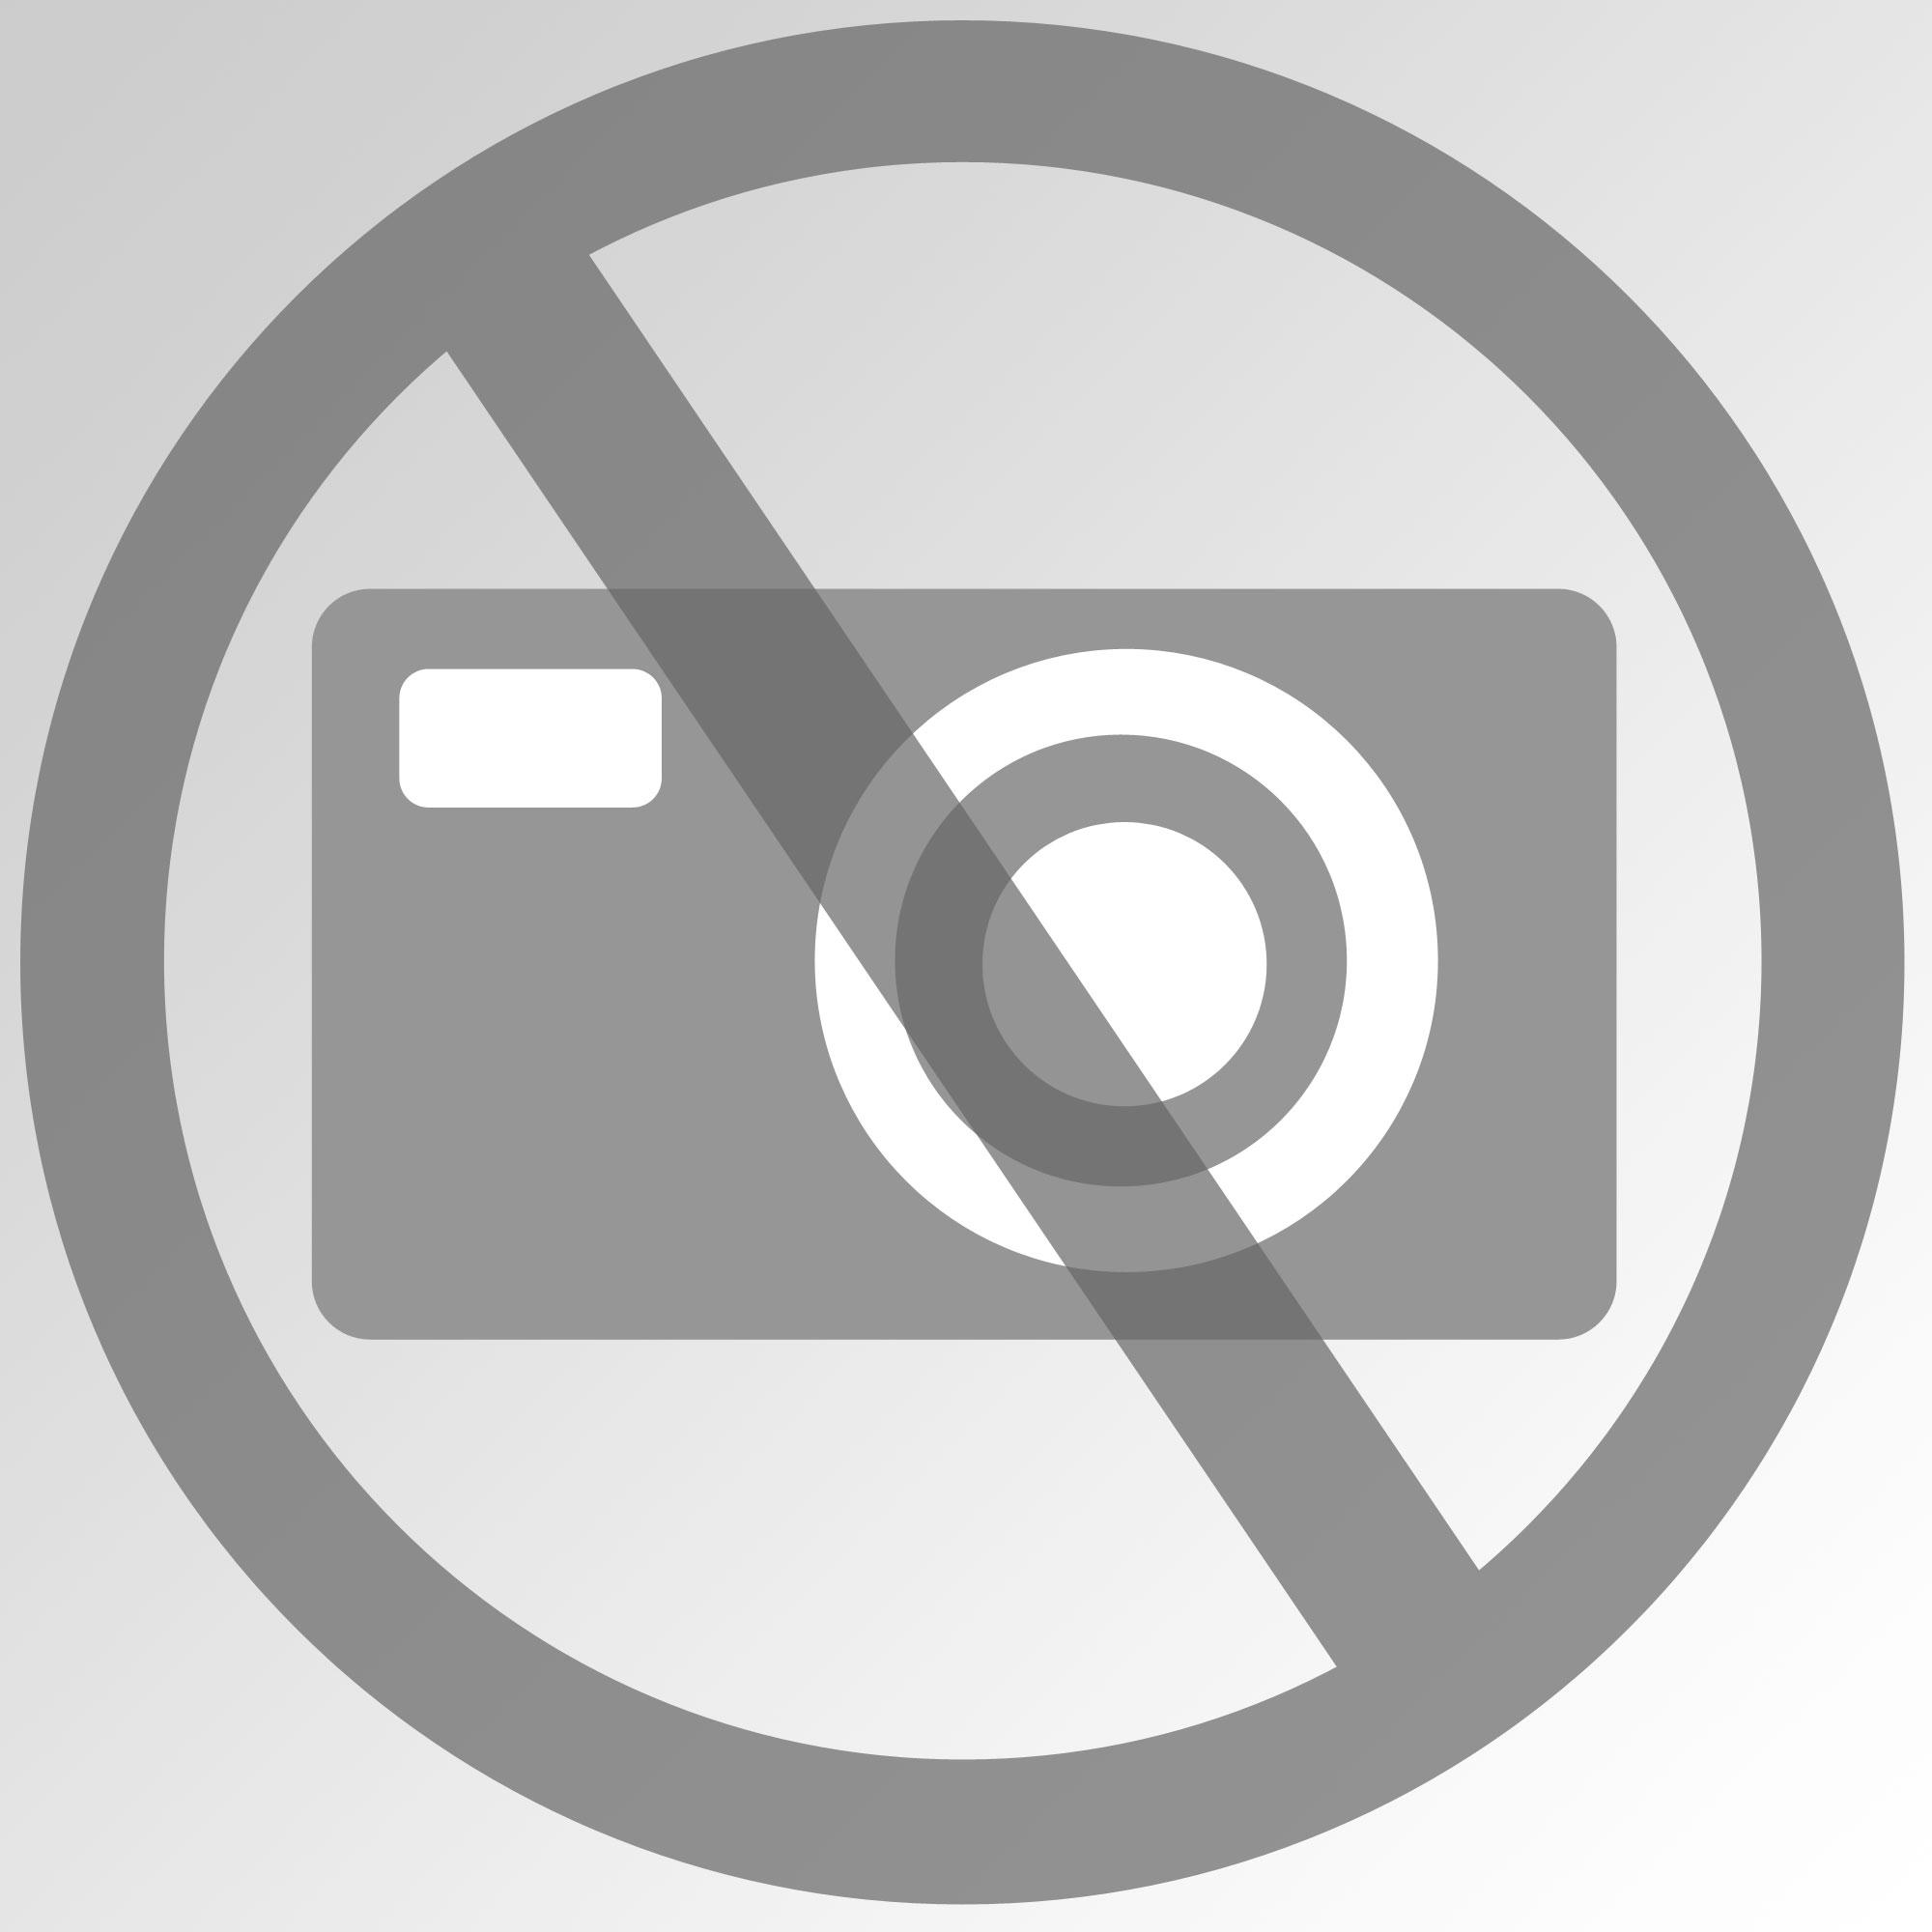 Duni Zelltuch-Servietten 24 x 24 cm 3-lagig, schwarz, 8 x 250 Stück/Karton